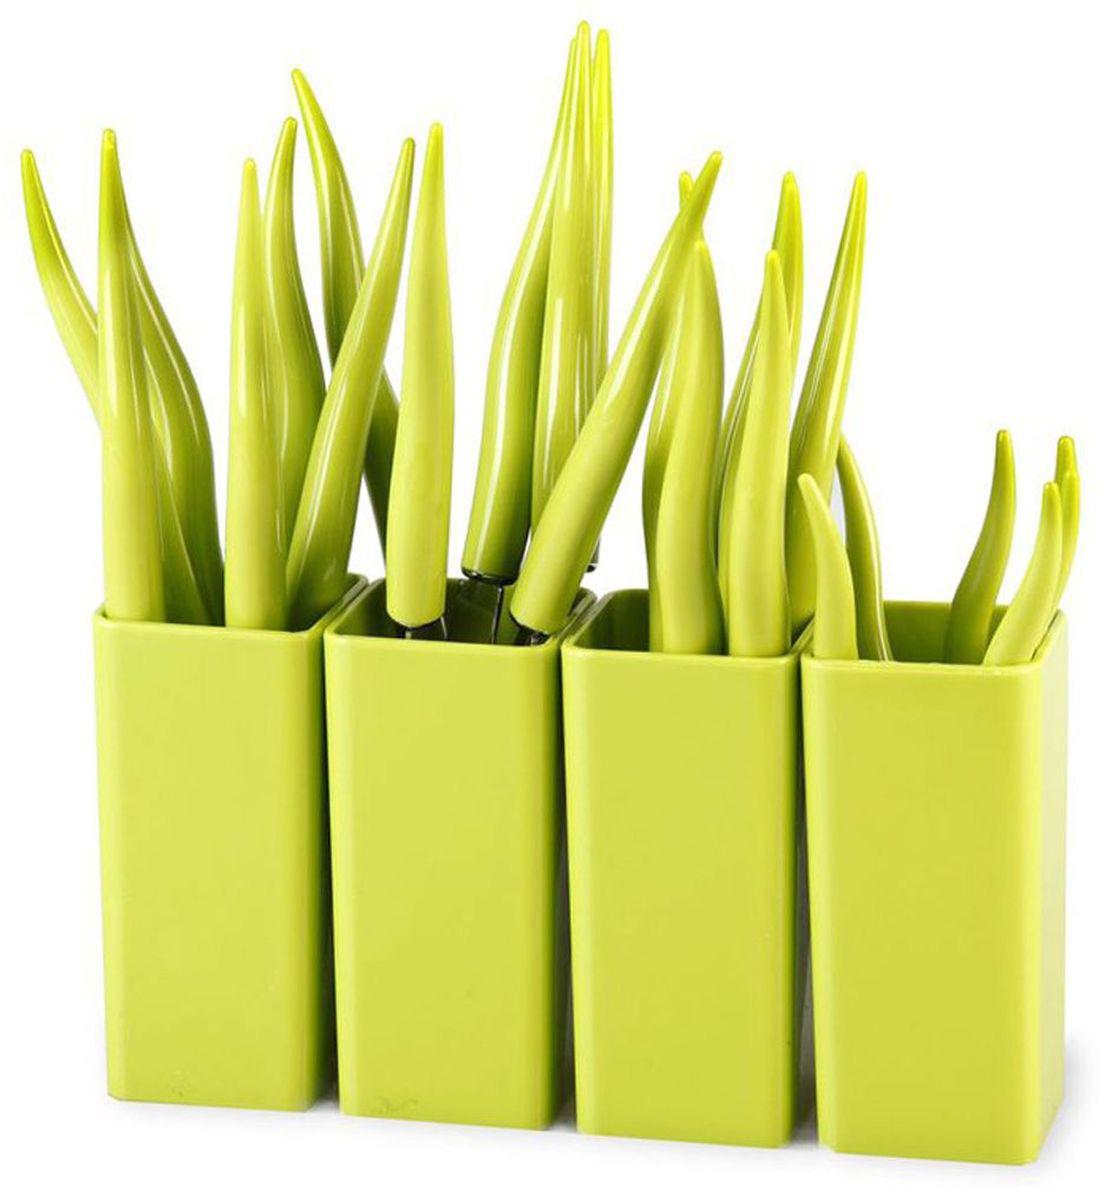 Набор столовых приборов MOULINvilla Chili, цвет: зеленый, 24 предмета набор из 3 столовых ножей крис 2013037u